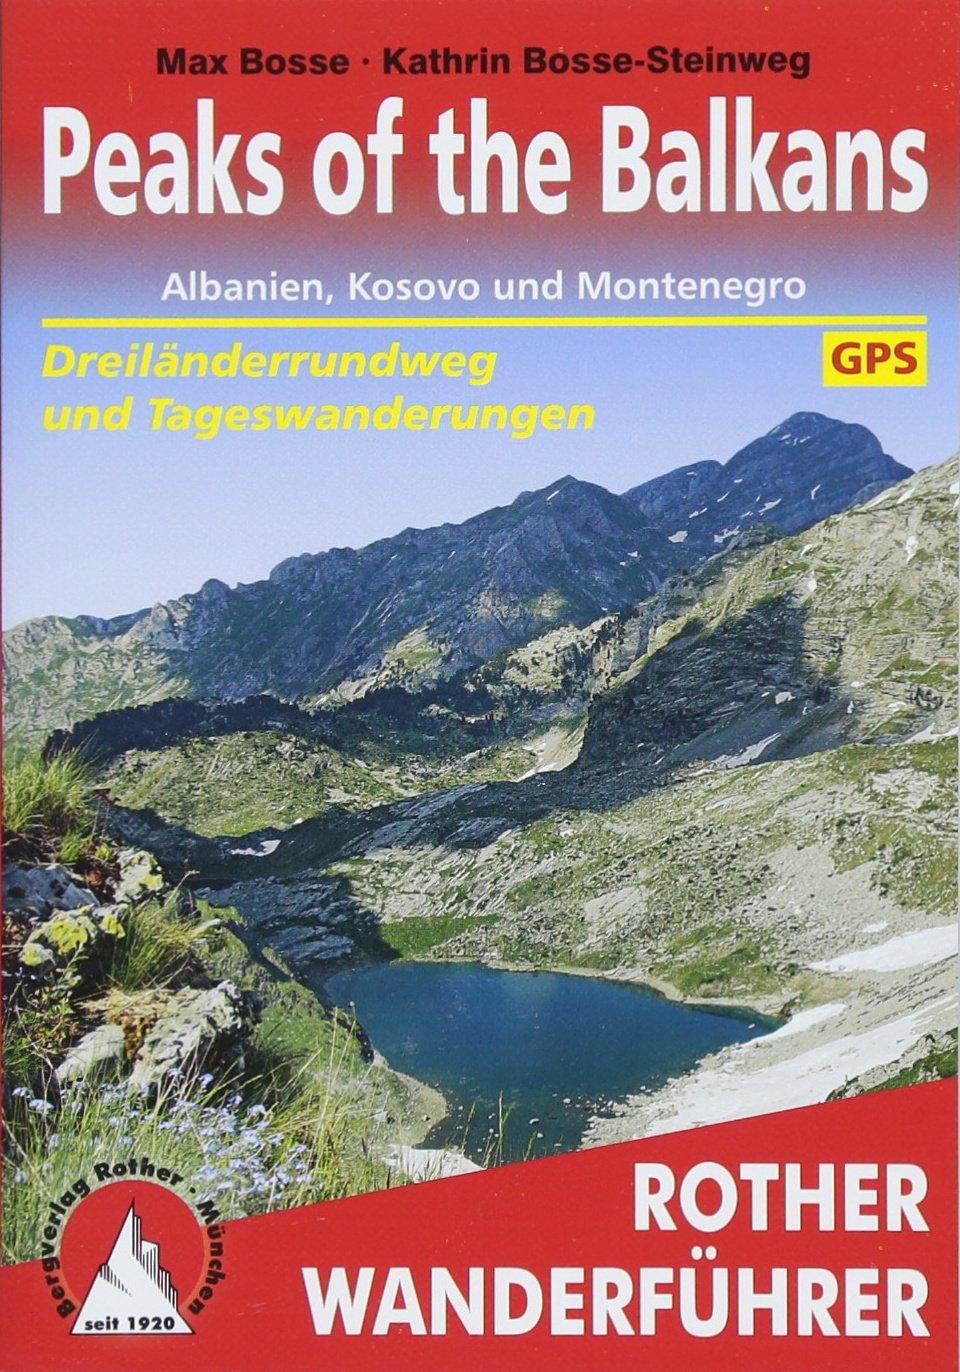 Peaks of the Balkans: Albanien, Kosovo und Montenegro. Dreiländerrundweg und Tageswanderungen. Mit GPS-Tracks (Rother Wanderführer)